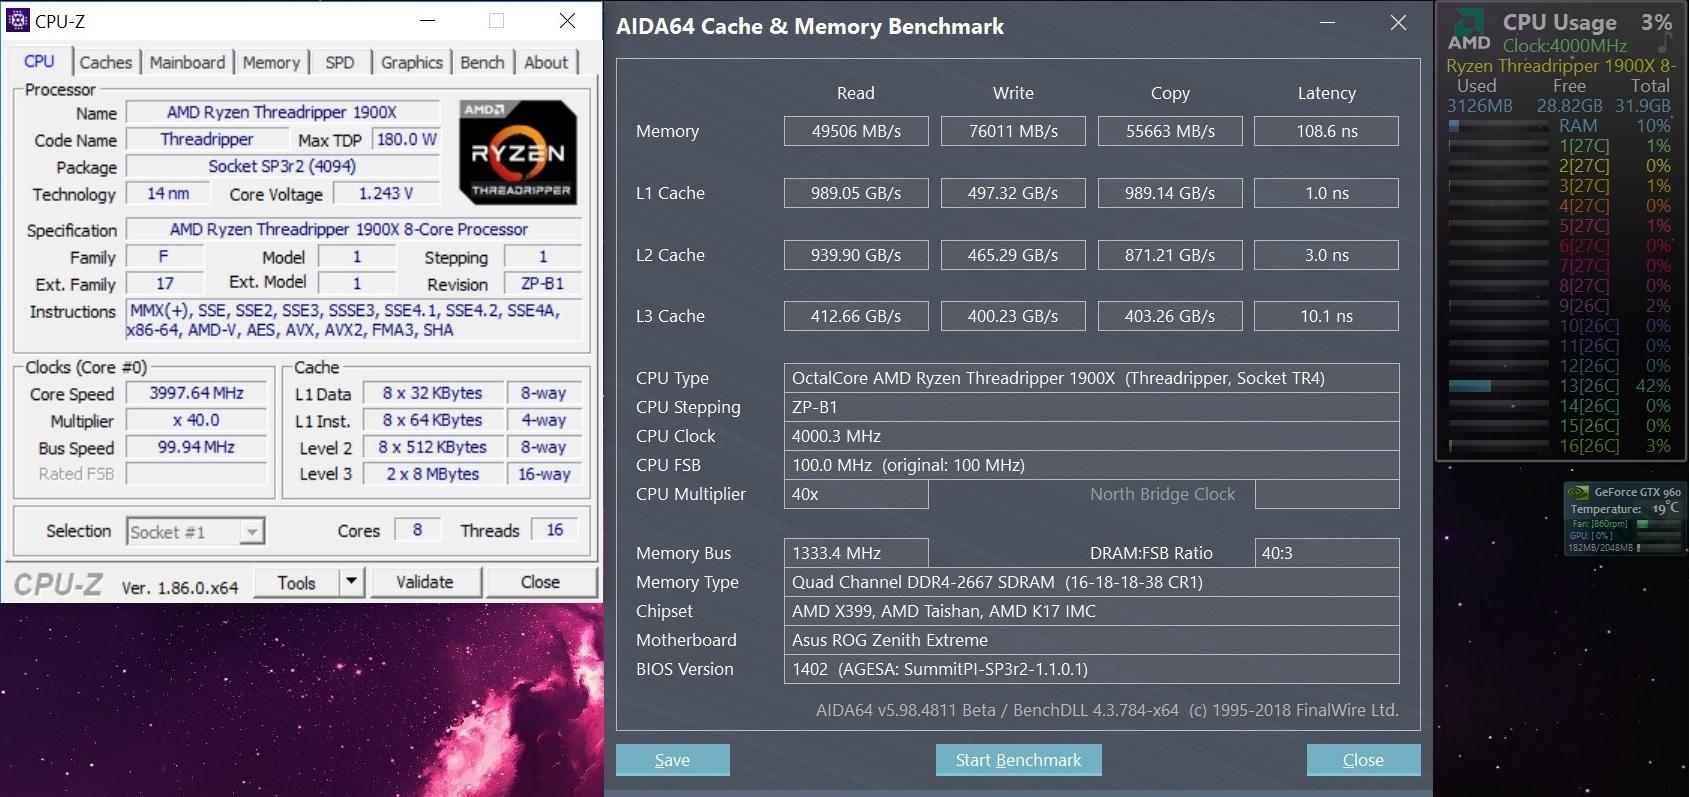 32 GB Crucial DDR4 RGB Tracers 2666 MHz OC on Threadripper